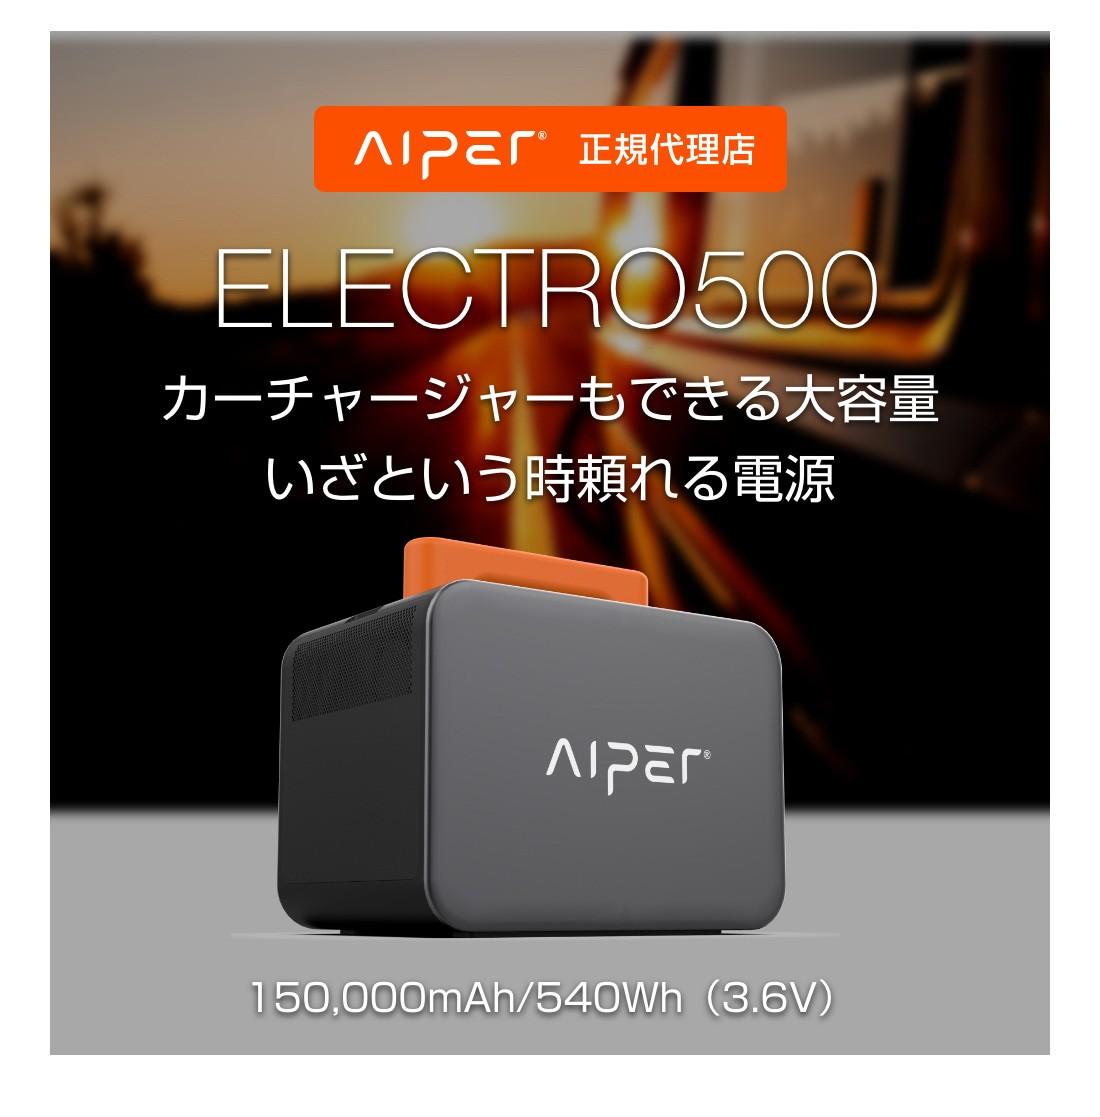 ポータブル電源 Aiper ELECTRO500